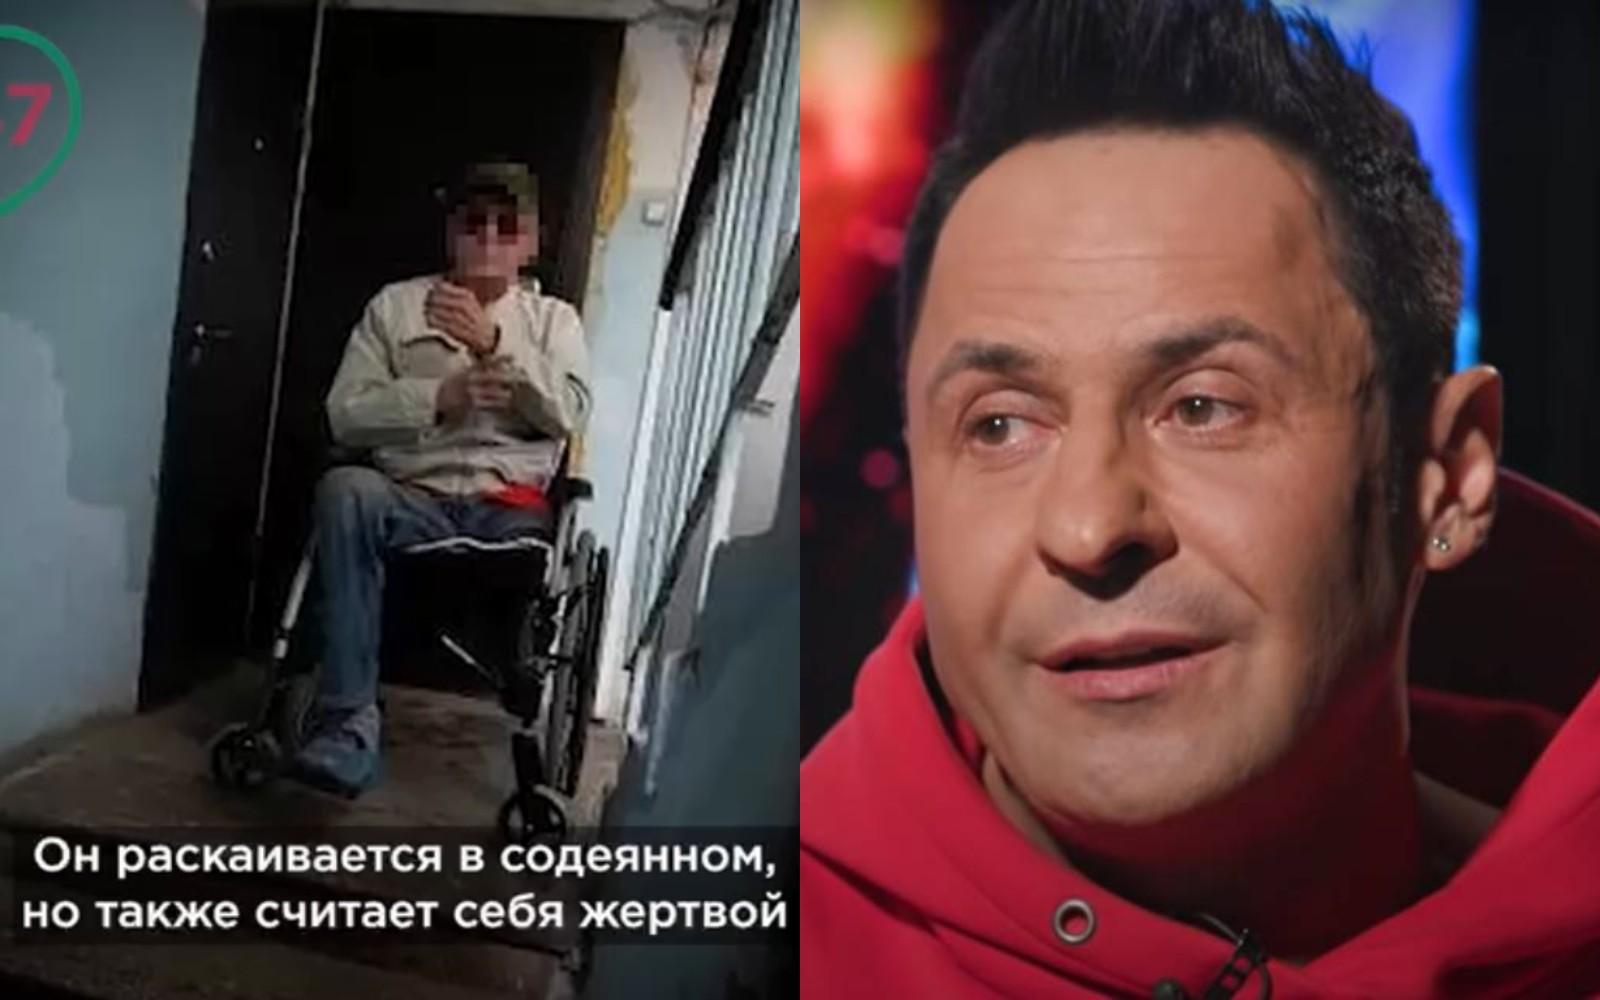 """Скриншот © Telegram / """"Плохие новости 18+"""", YouTube / Super"""